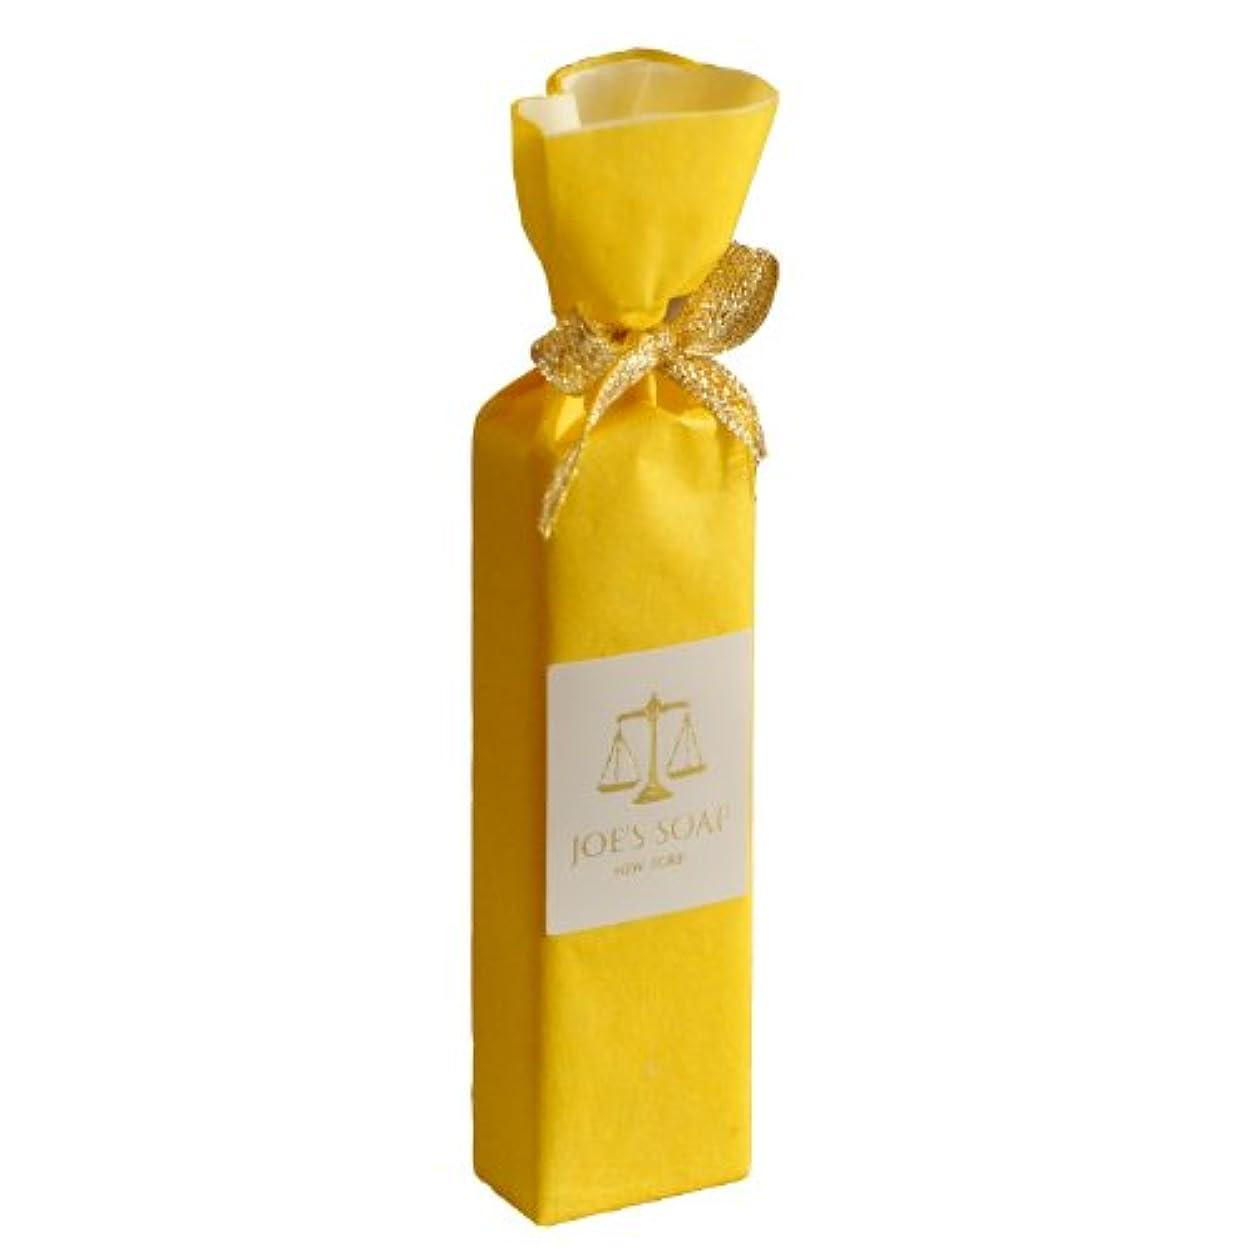 マトンマイクロフォン輪郭JOE'S SOAP ジョーズソープ オリーブソープ NO.6 CHAMOMILE カモミール 20g トライアル お試し無添加 オーガニック 石鹸 洗顔 保湿